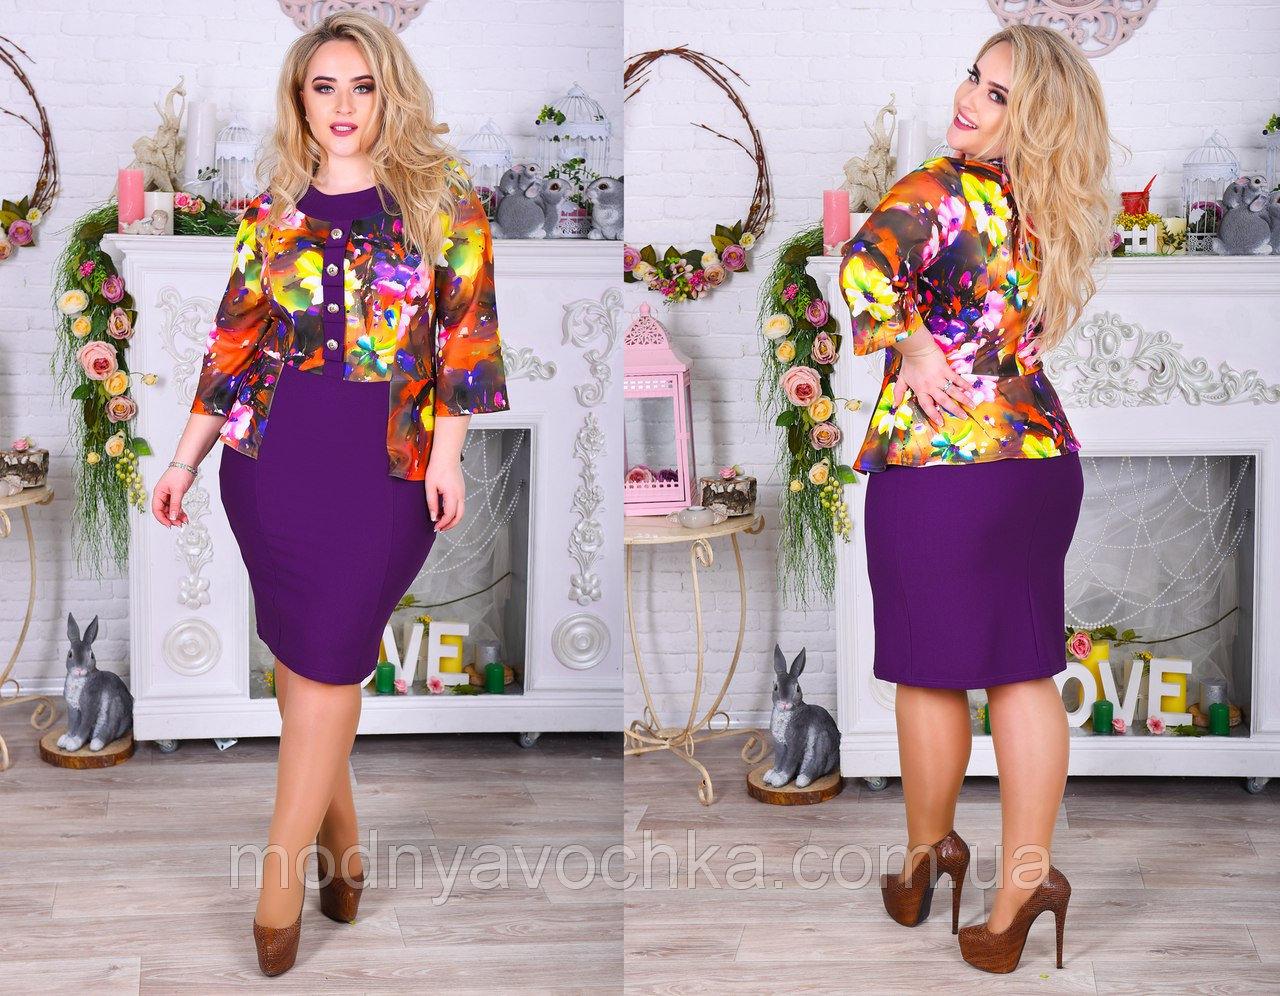 Кольорова жіноча сукня великих розмірів - Товари - Інтернет-магазин ... 58453823d9cb3